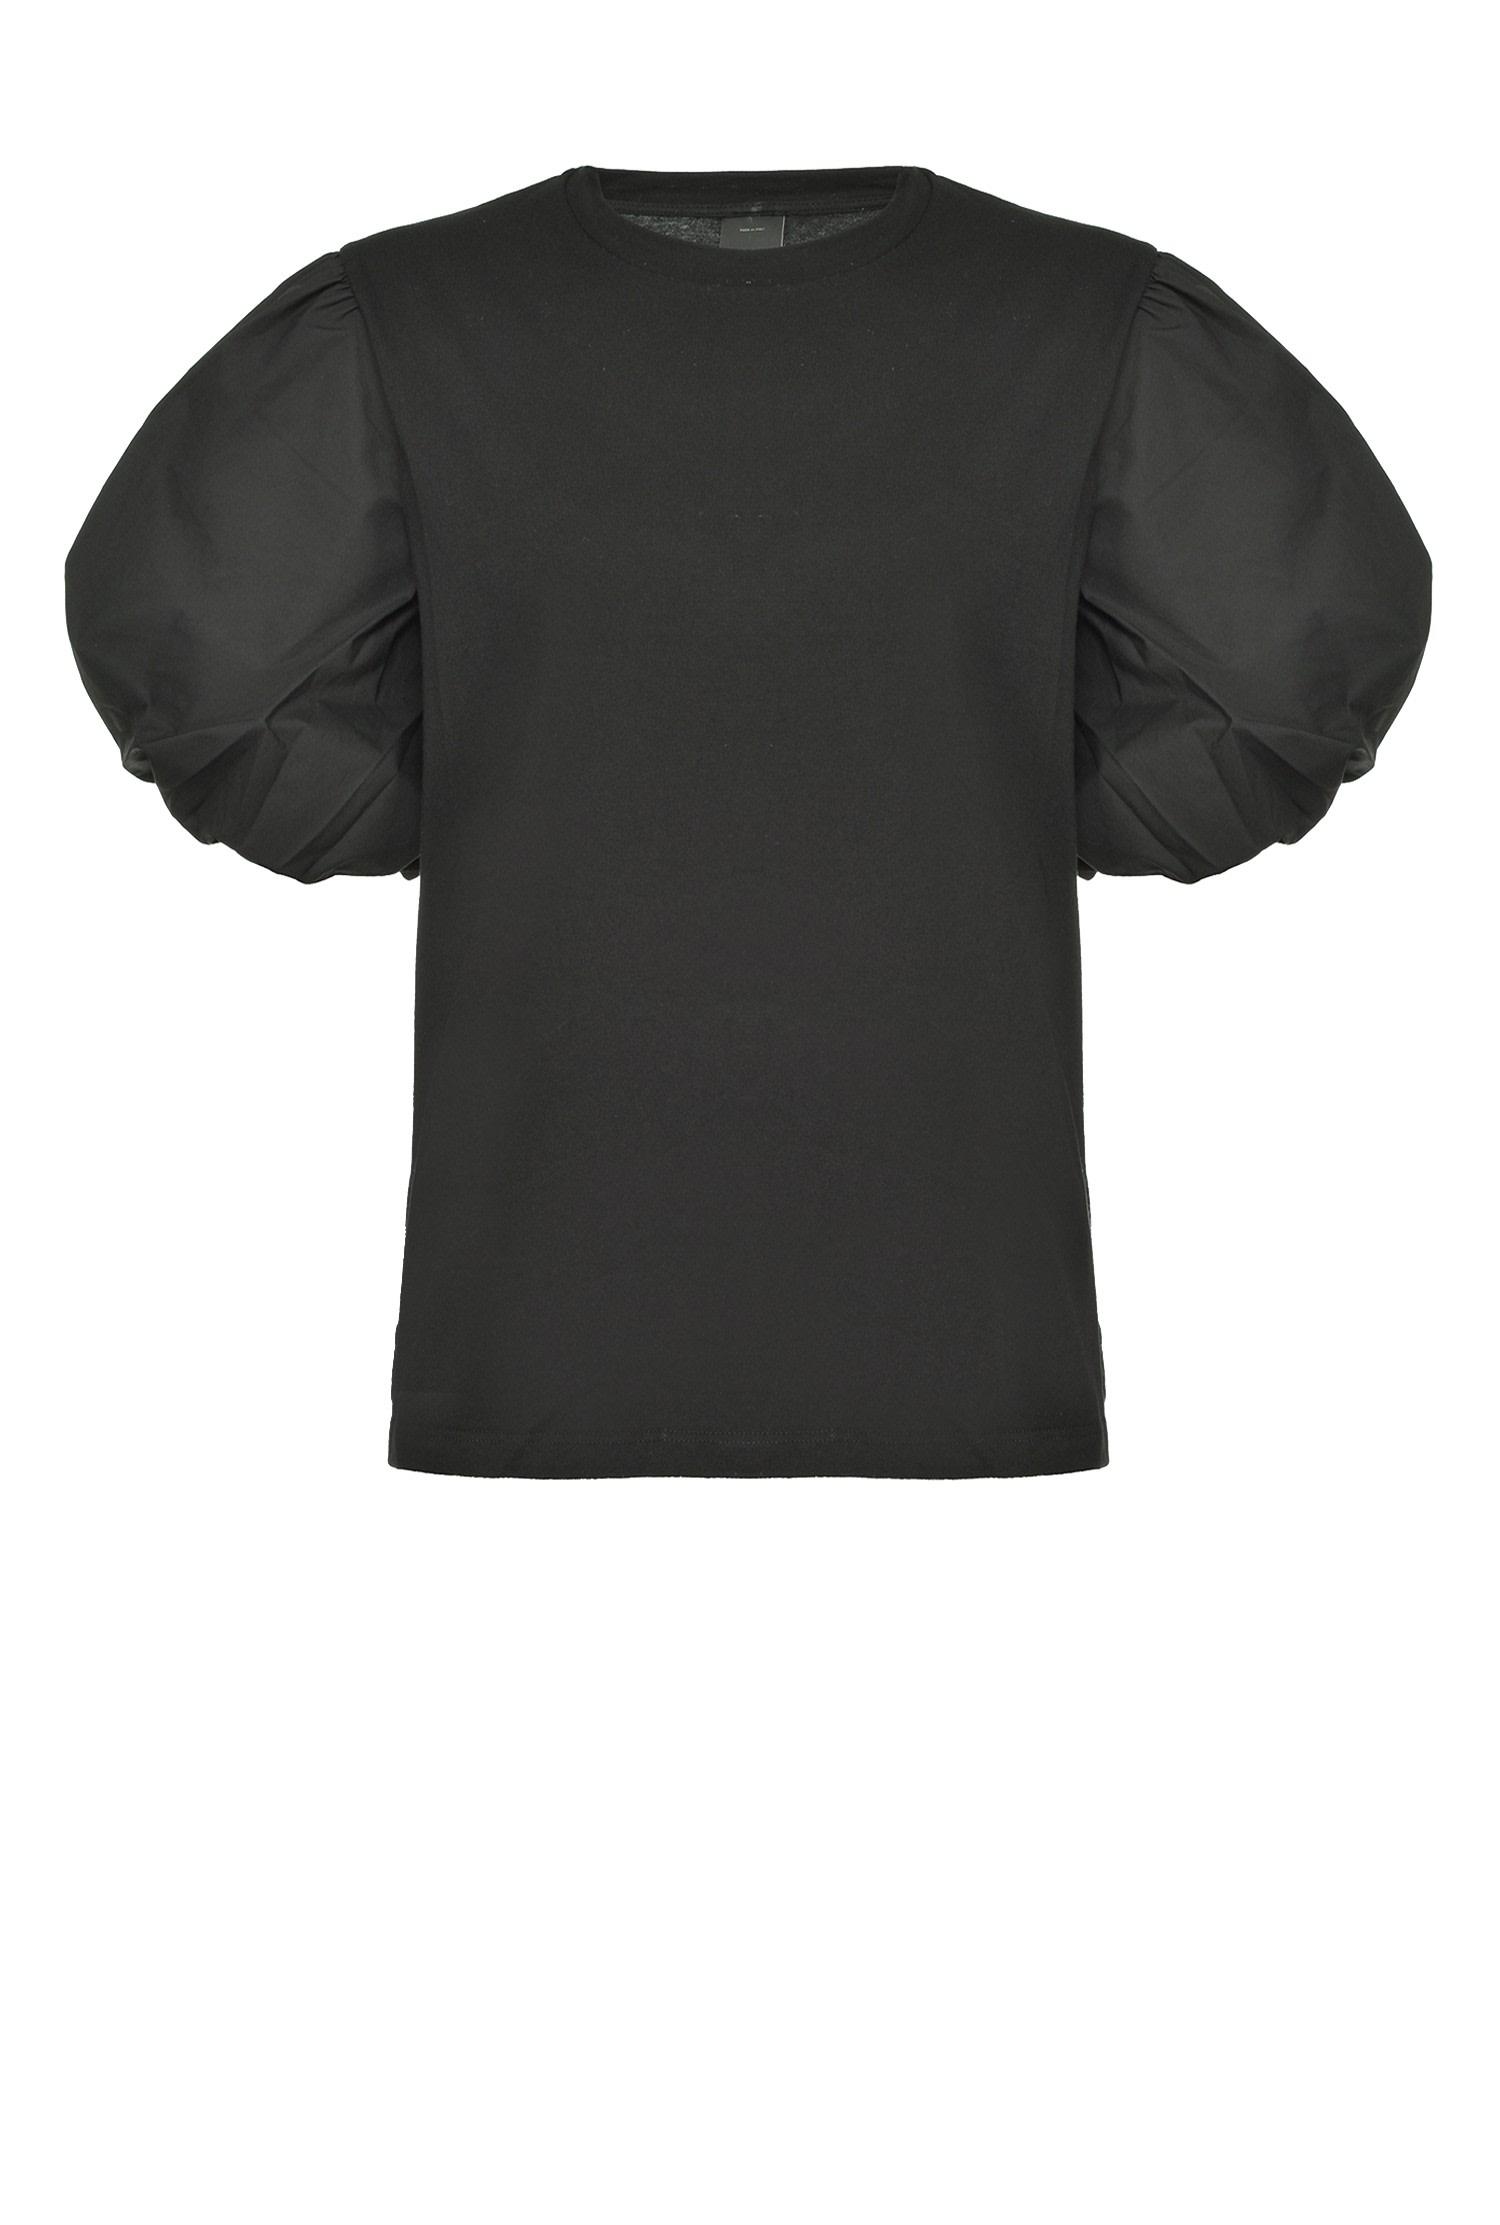 Betty Boop t-shirt - PINKO